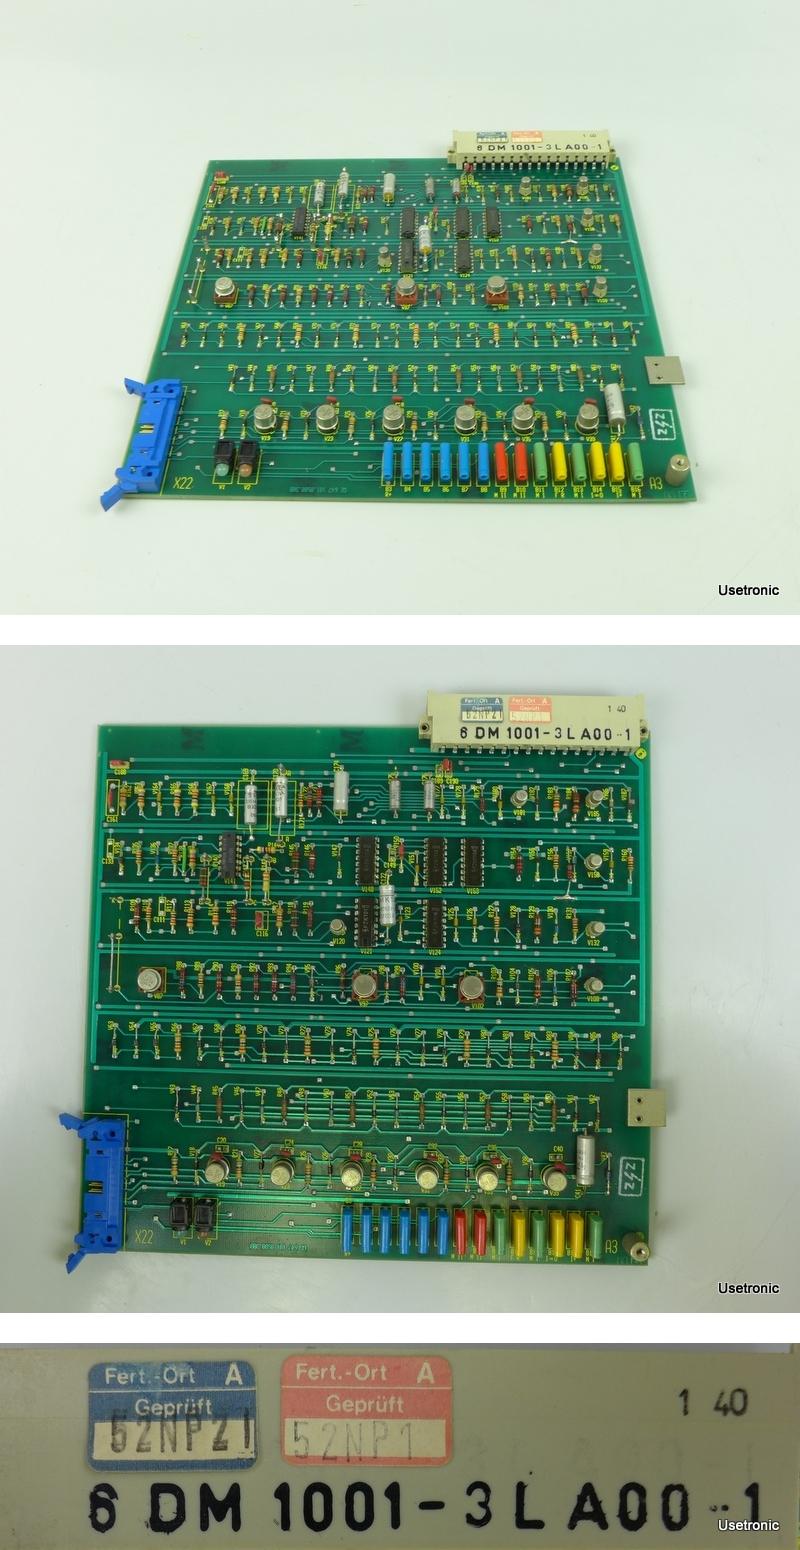 Siemens 6DM1001 3LA00 1